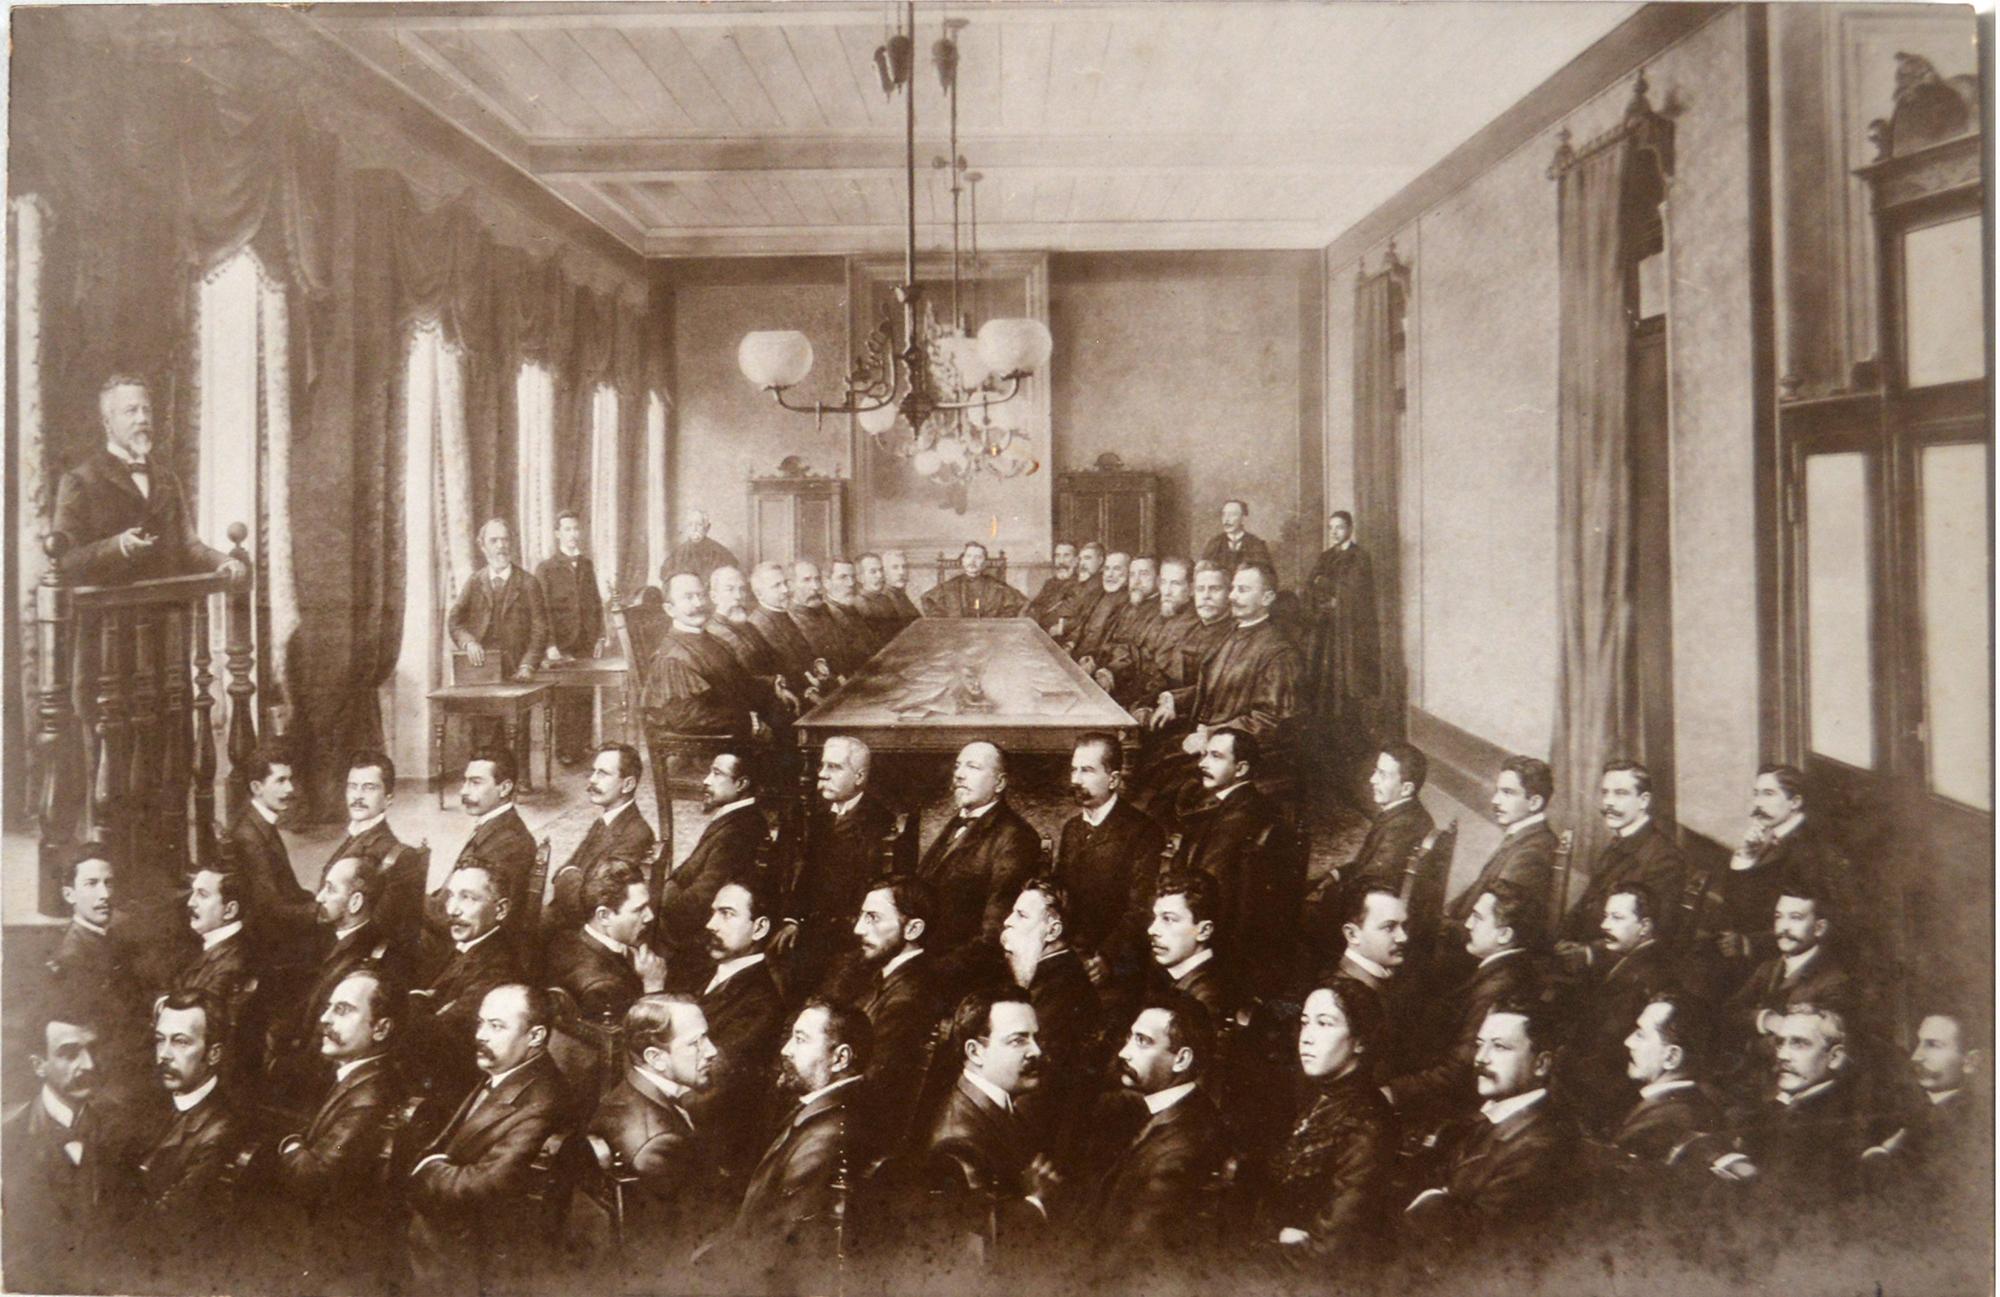 Tribunal de justiça de São Paulo, 1902, Valério Vieira